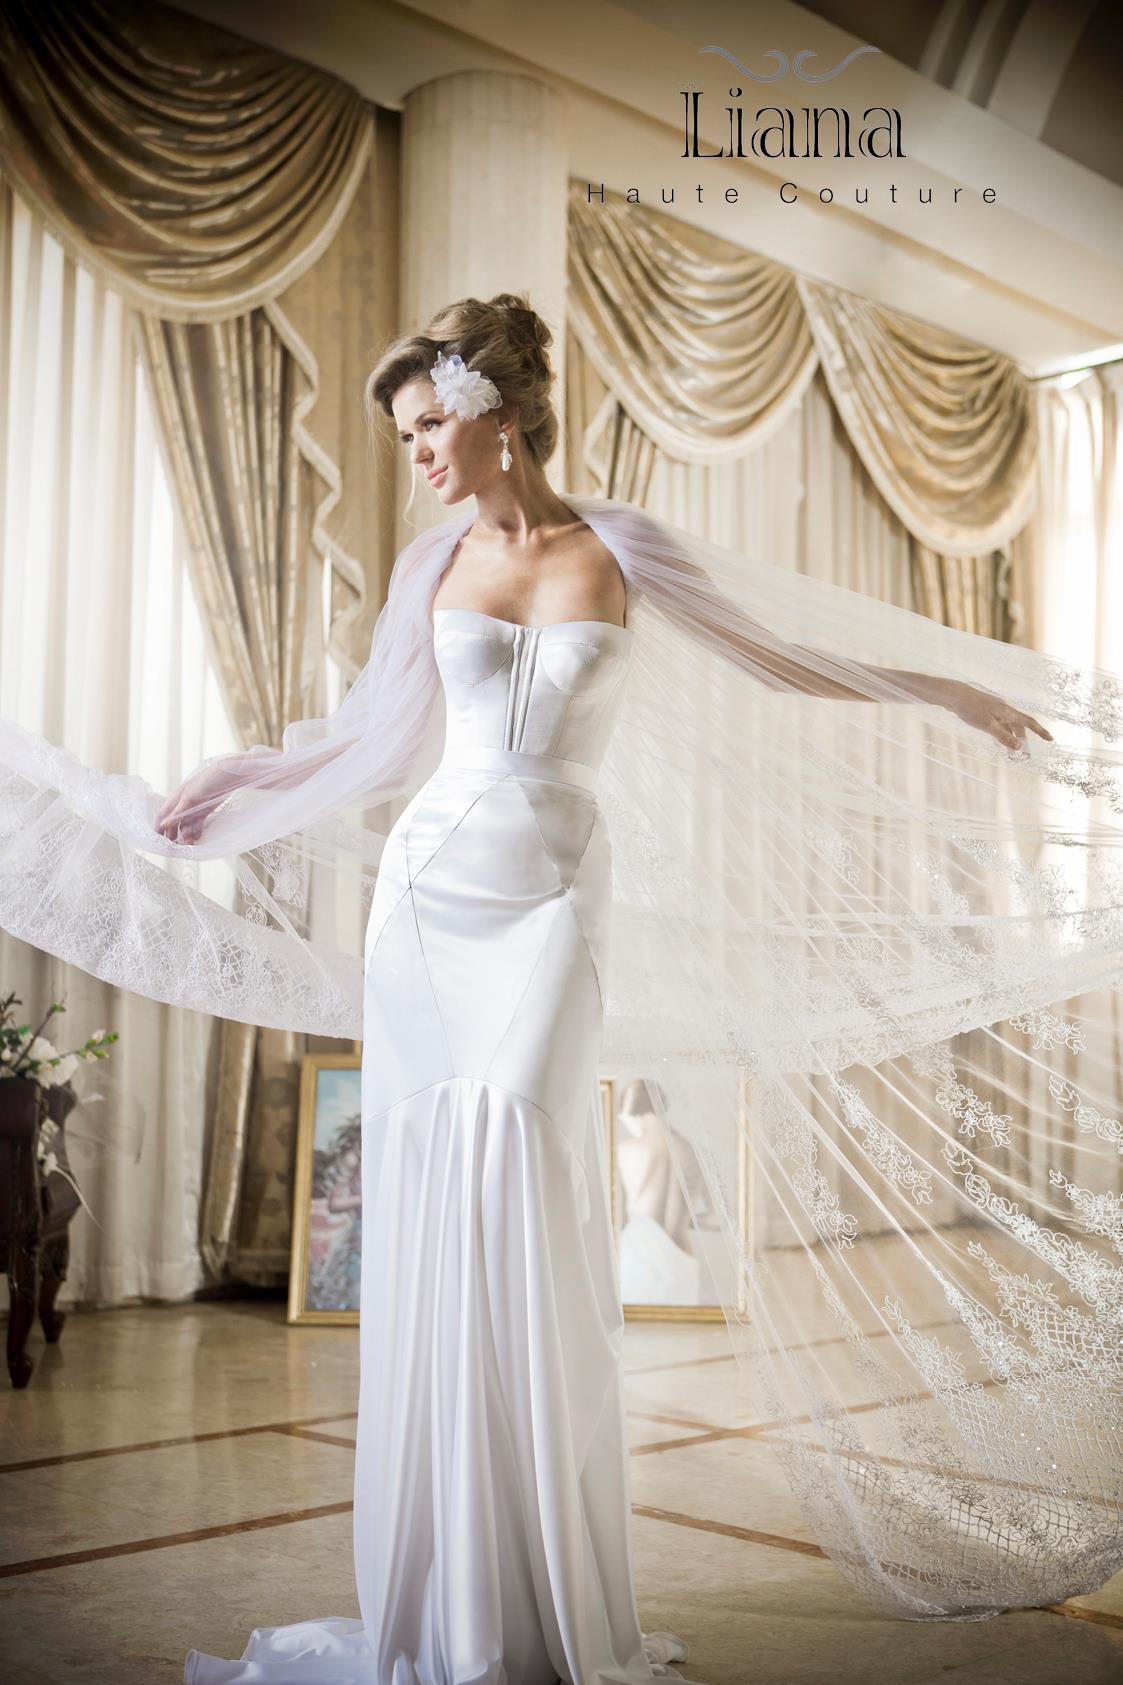 Liana haute couture bridal 2013 2014 for Haute wedding